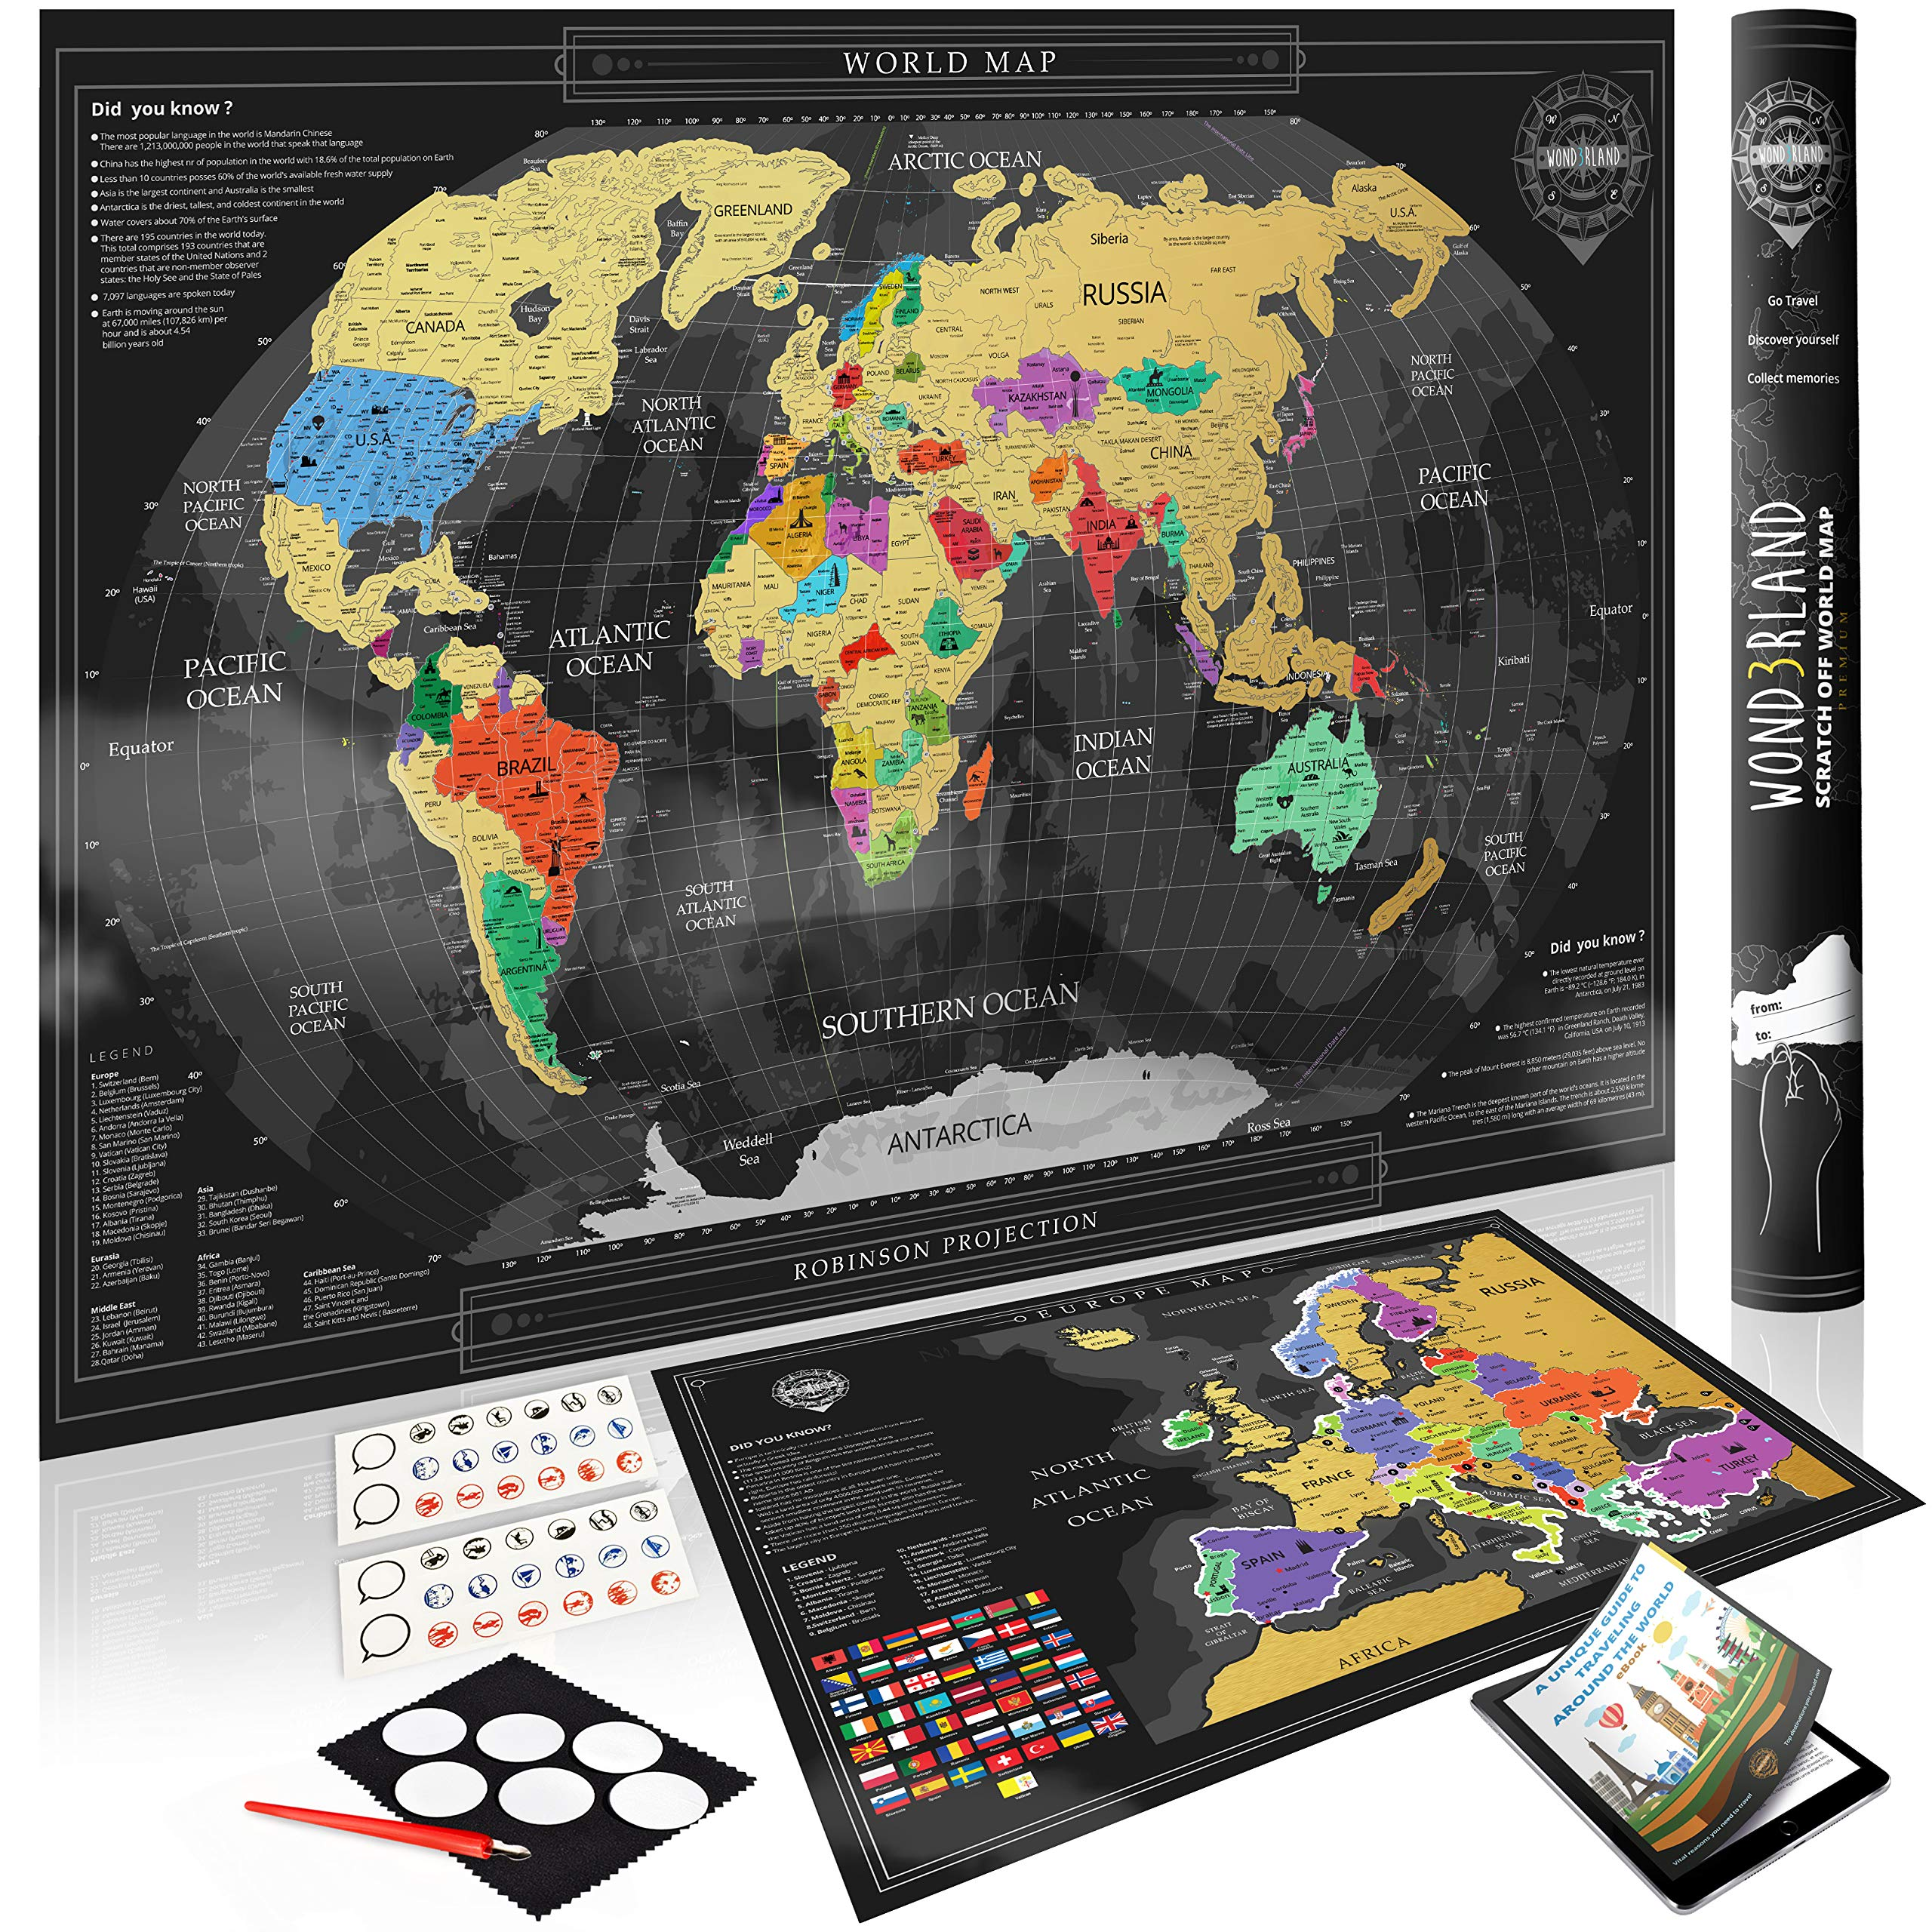 Wond3rland Premium Mapamundi Para Rascar + EXTRA Mapa de Europa con Países Delineados | Regalo Lujoso Para Viajeros y Registro de Viajes | GRATIS Juego Completo de Accesorios + eBook de Viajes: